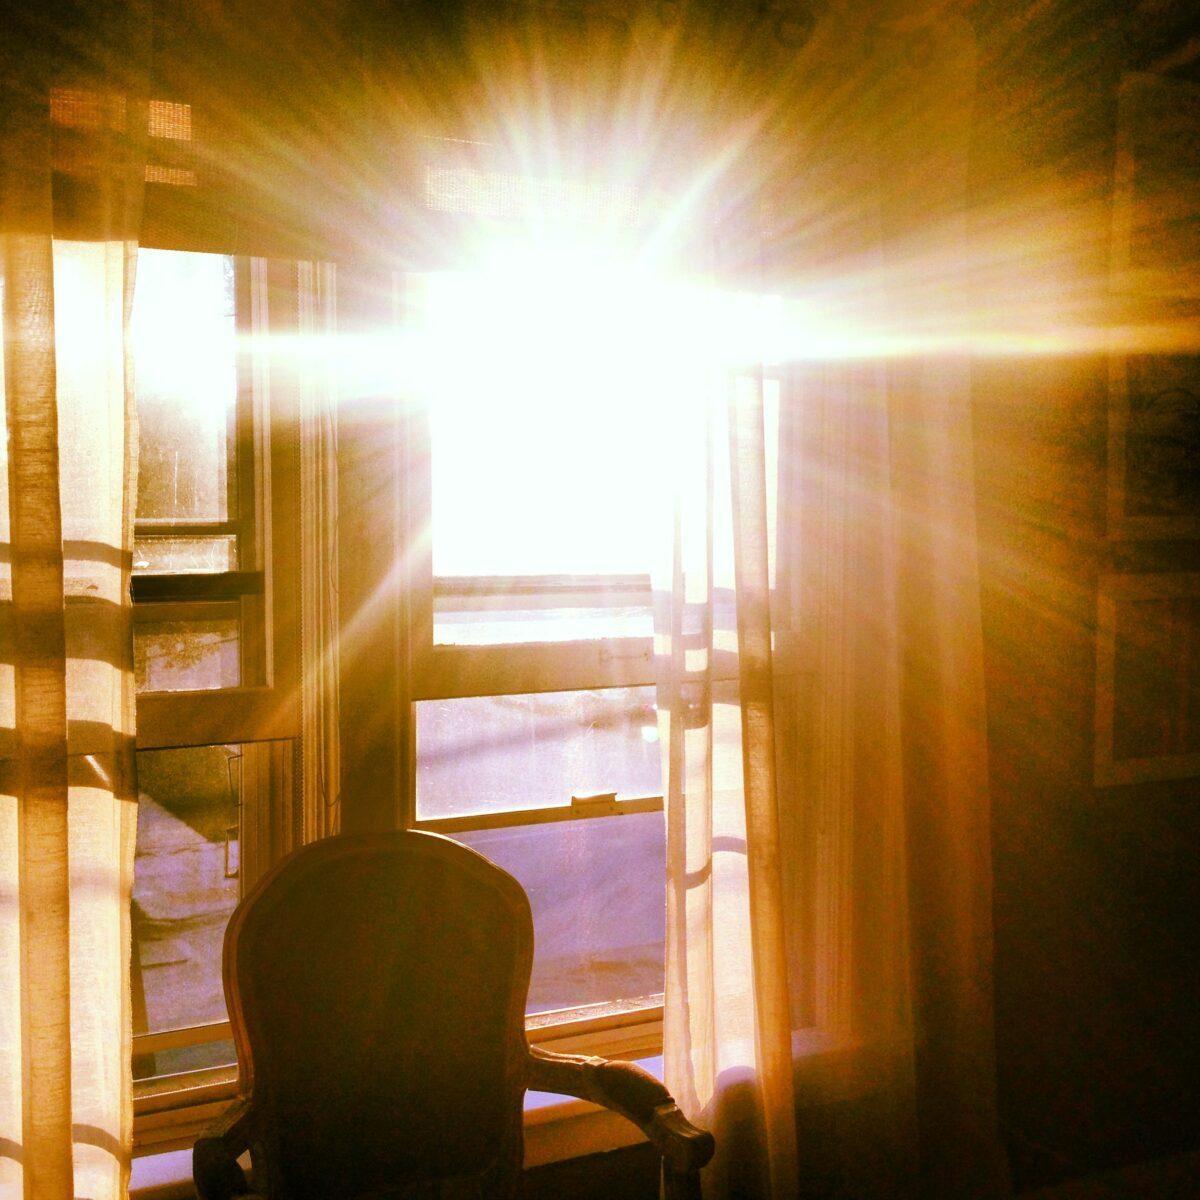 The True Healing Light